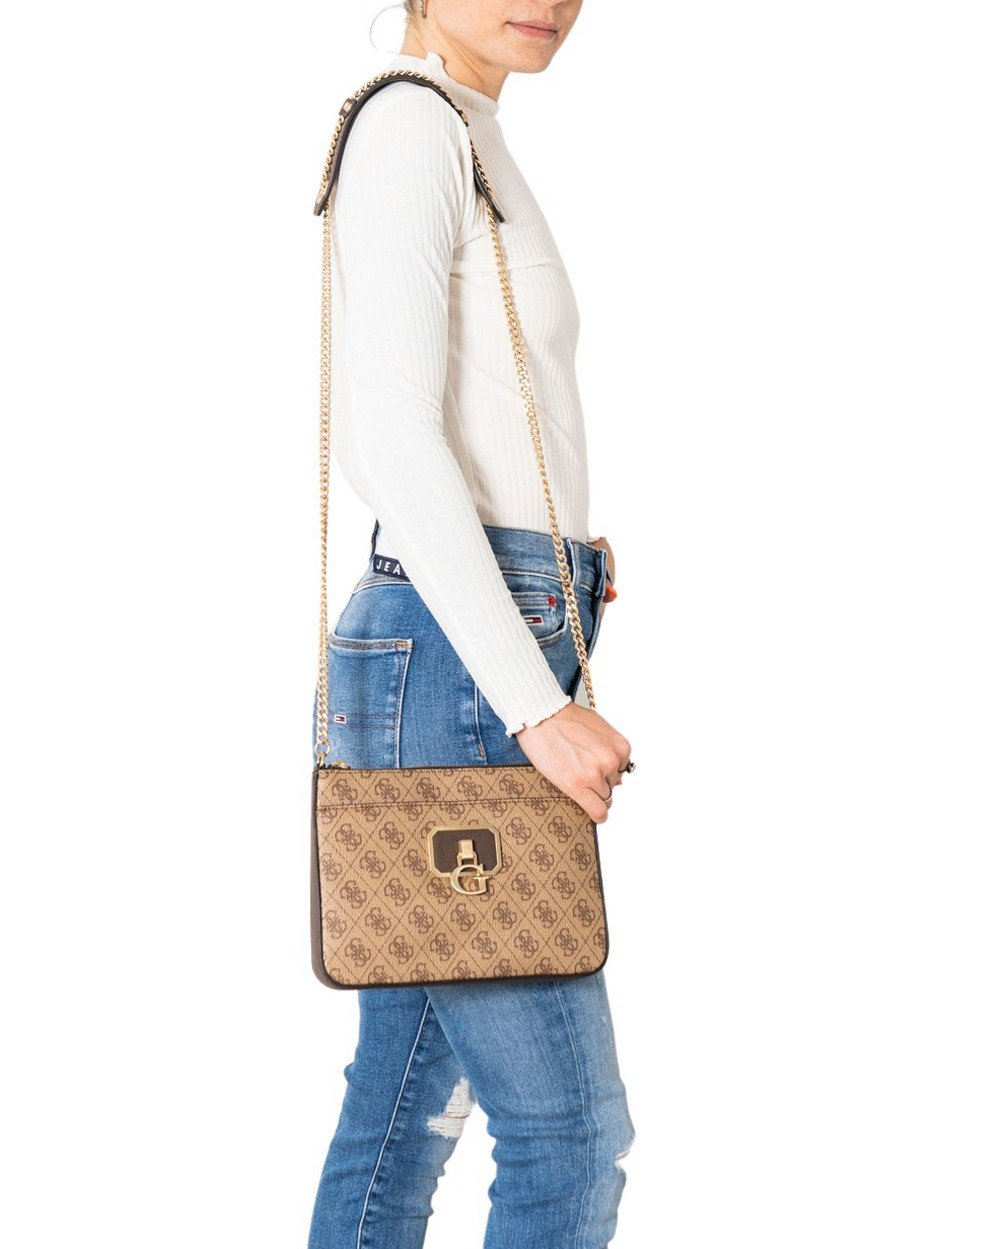 Guess Women's Shoulder Bag Various Colours 308442 - beige UNICA